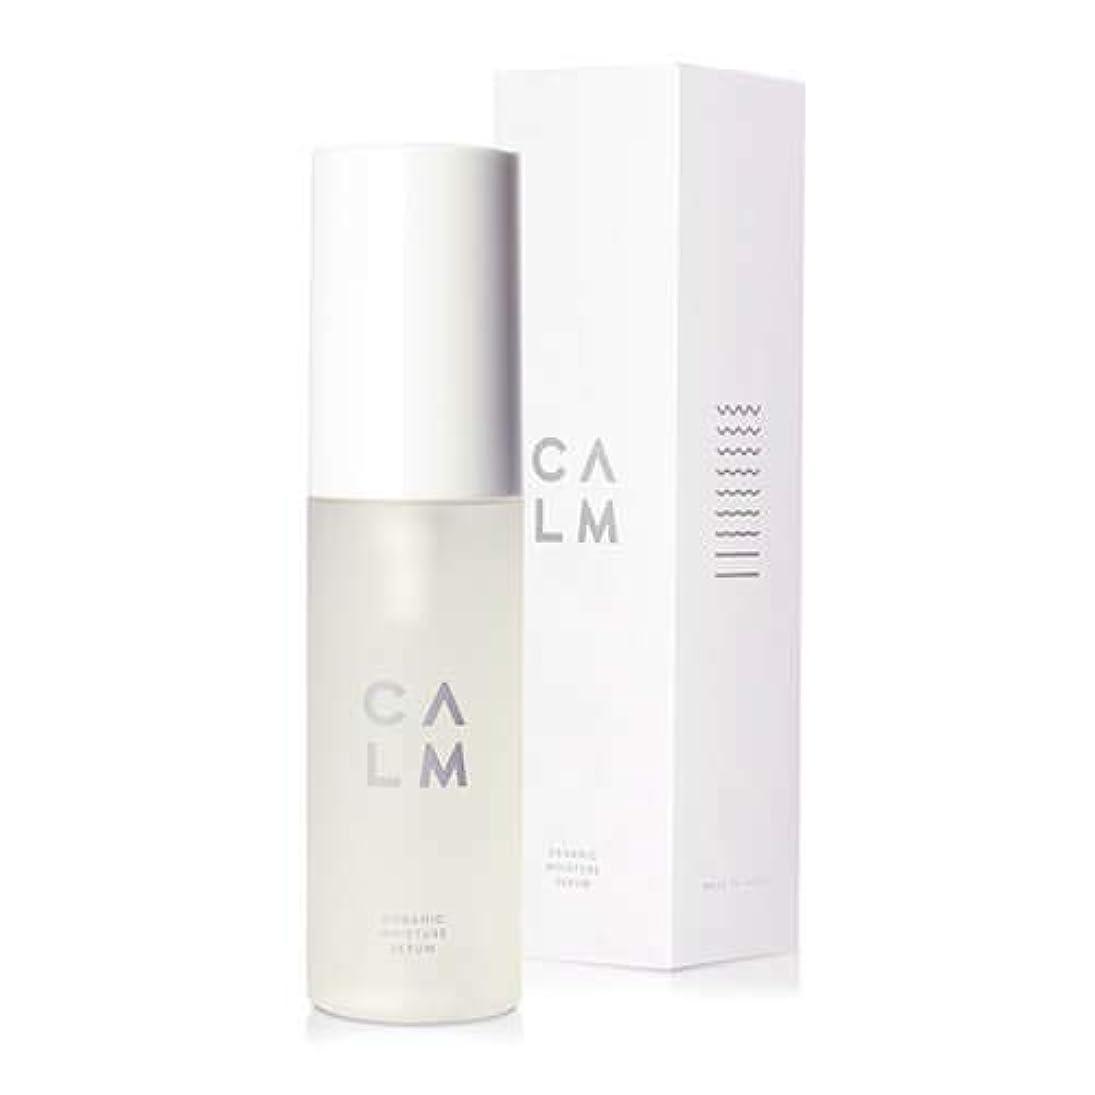 カーム CALM モイスチャーセラム (美容液) 50ml